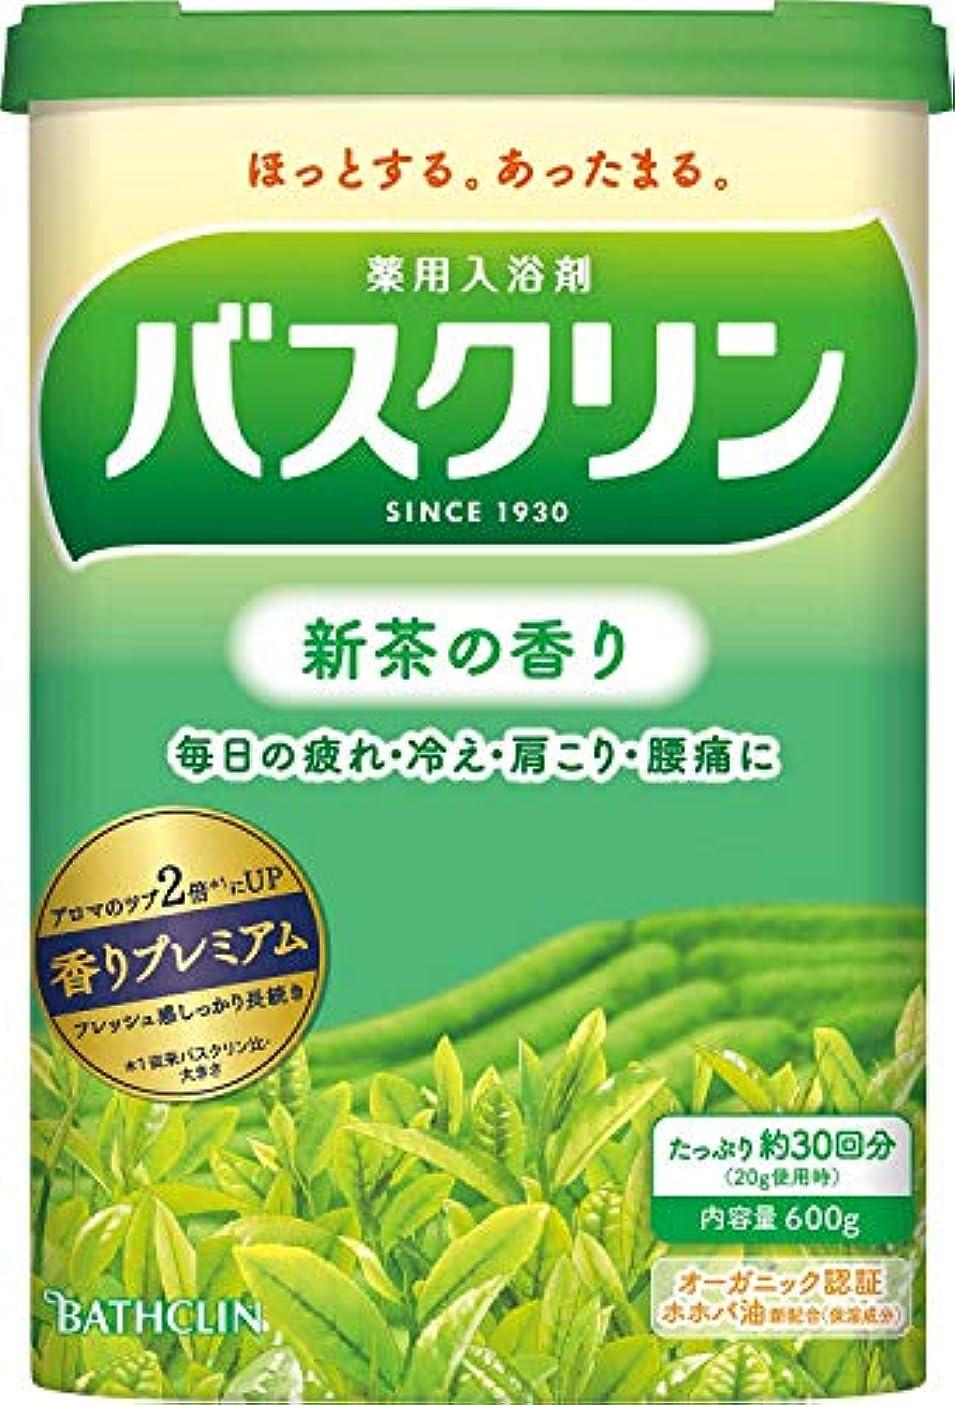 予言する辛いスモッグ【医薬部外品】バスクリン入浴剤 新茶の香り600g(約30回分) 疲労回復